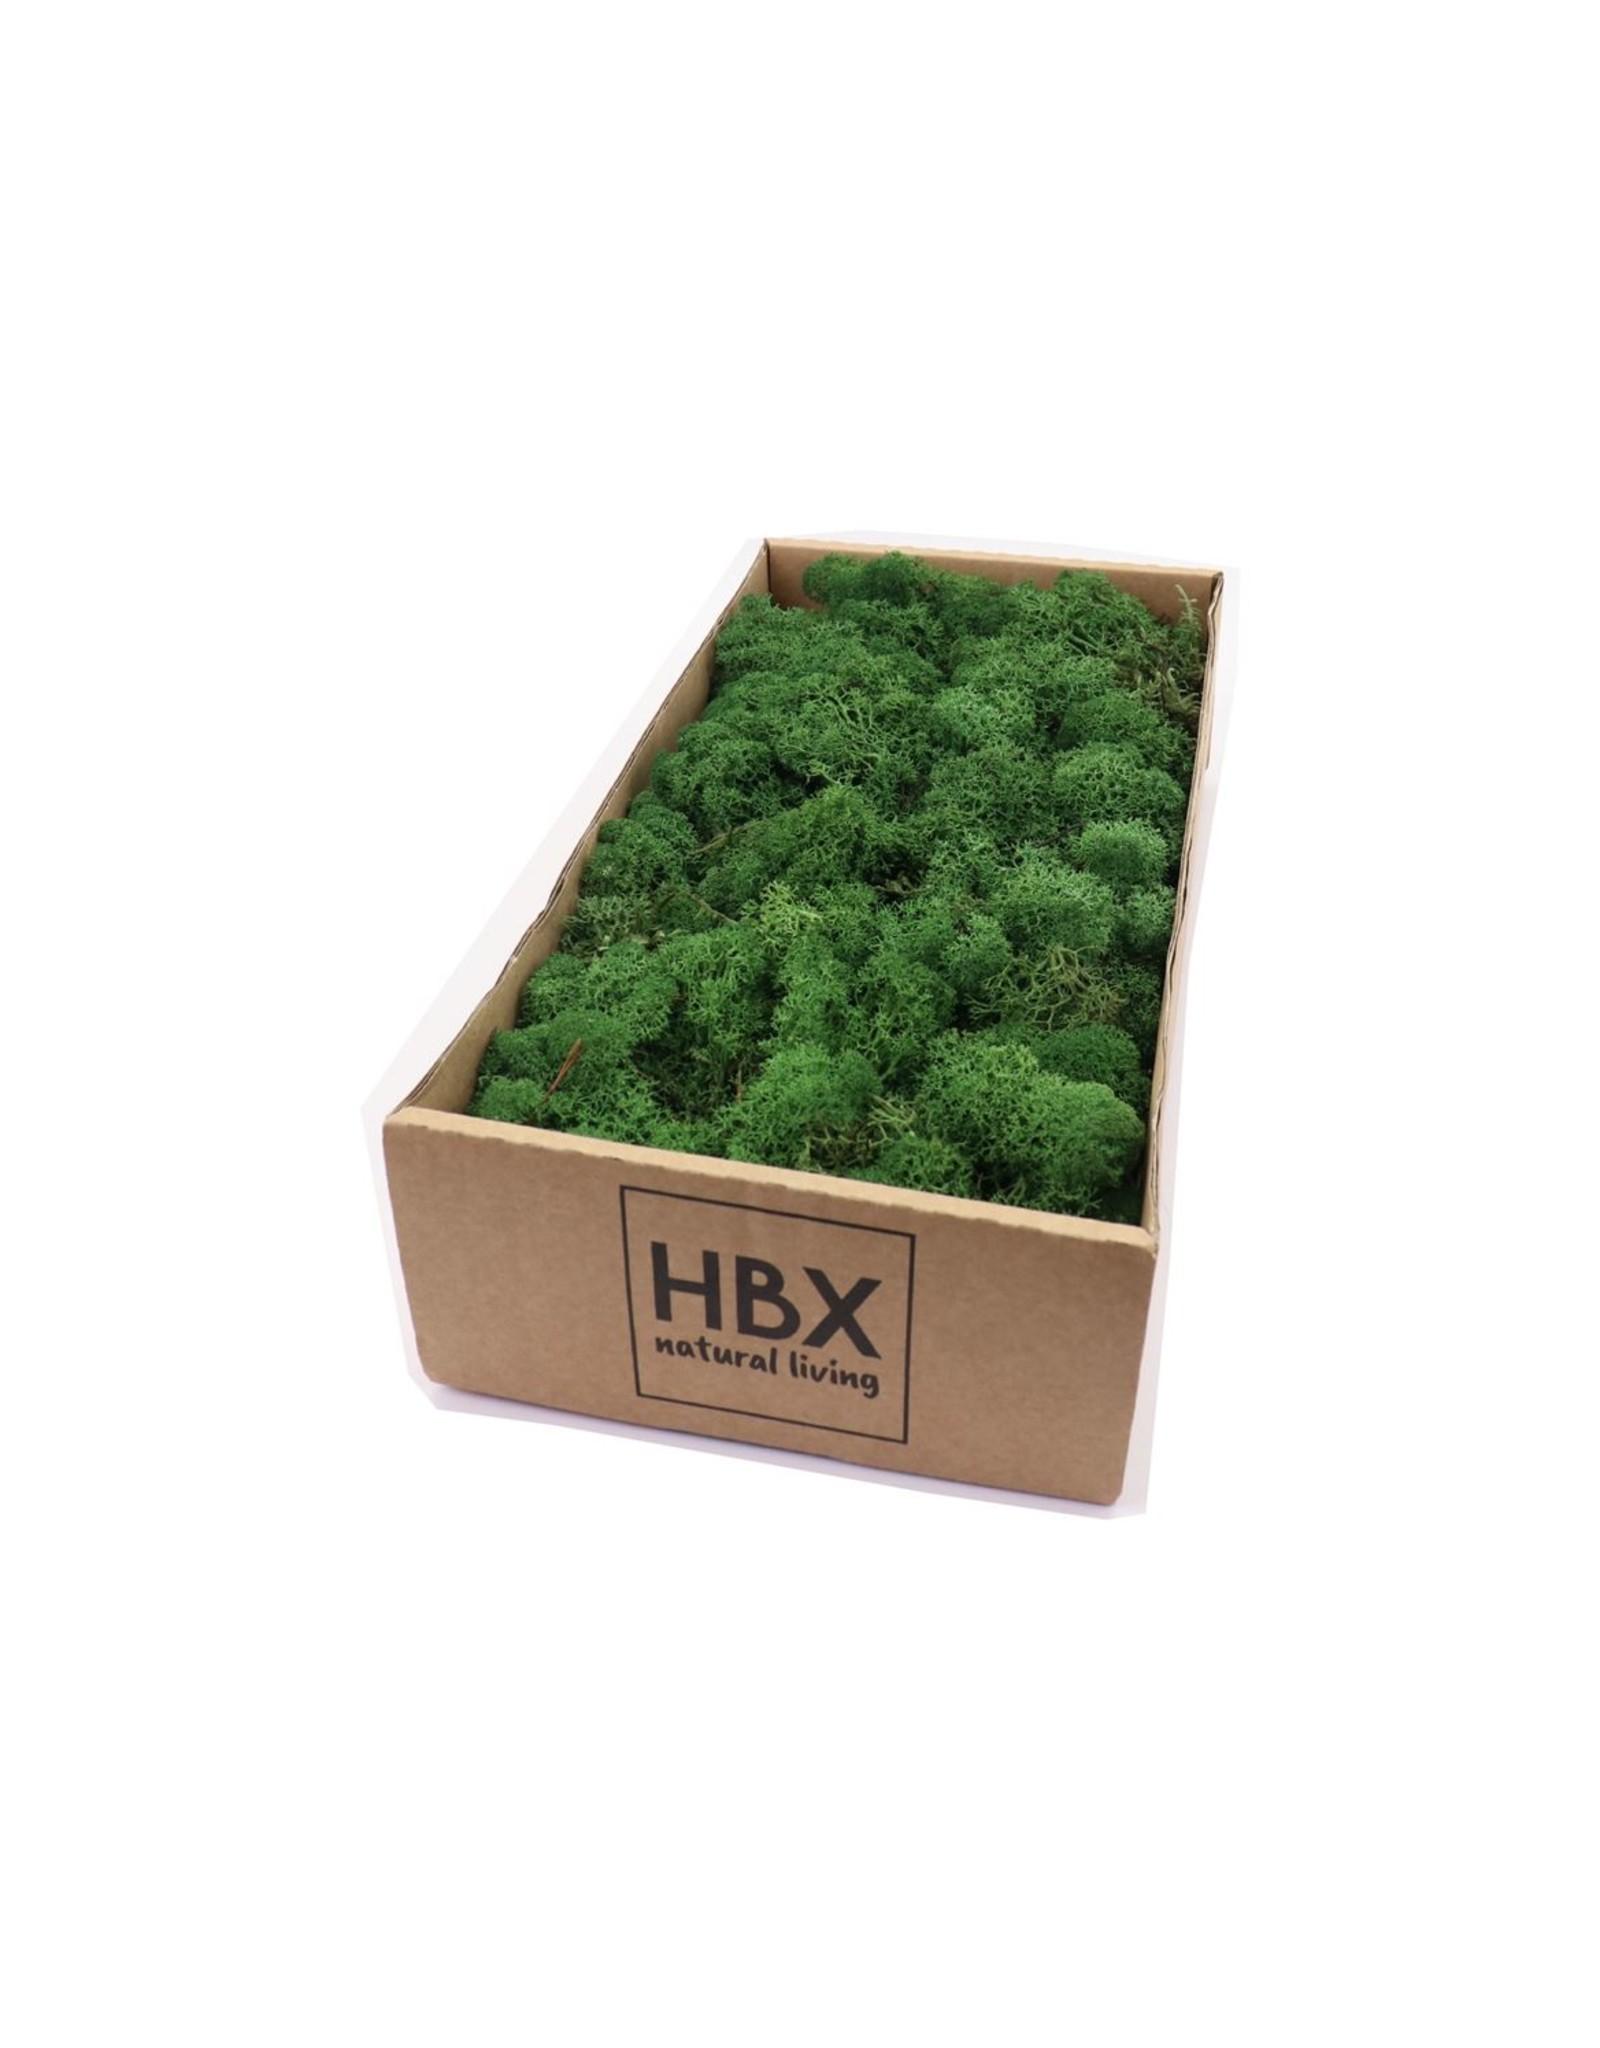 HD Basic Reindeer Moss 500gr (x 6)